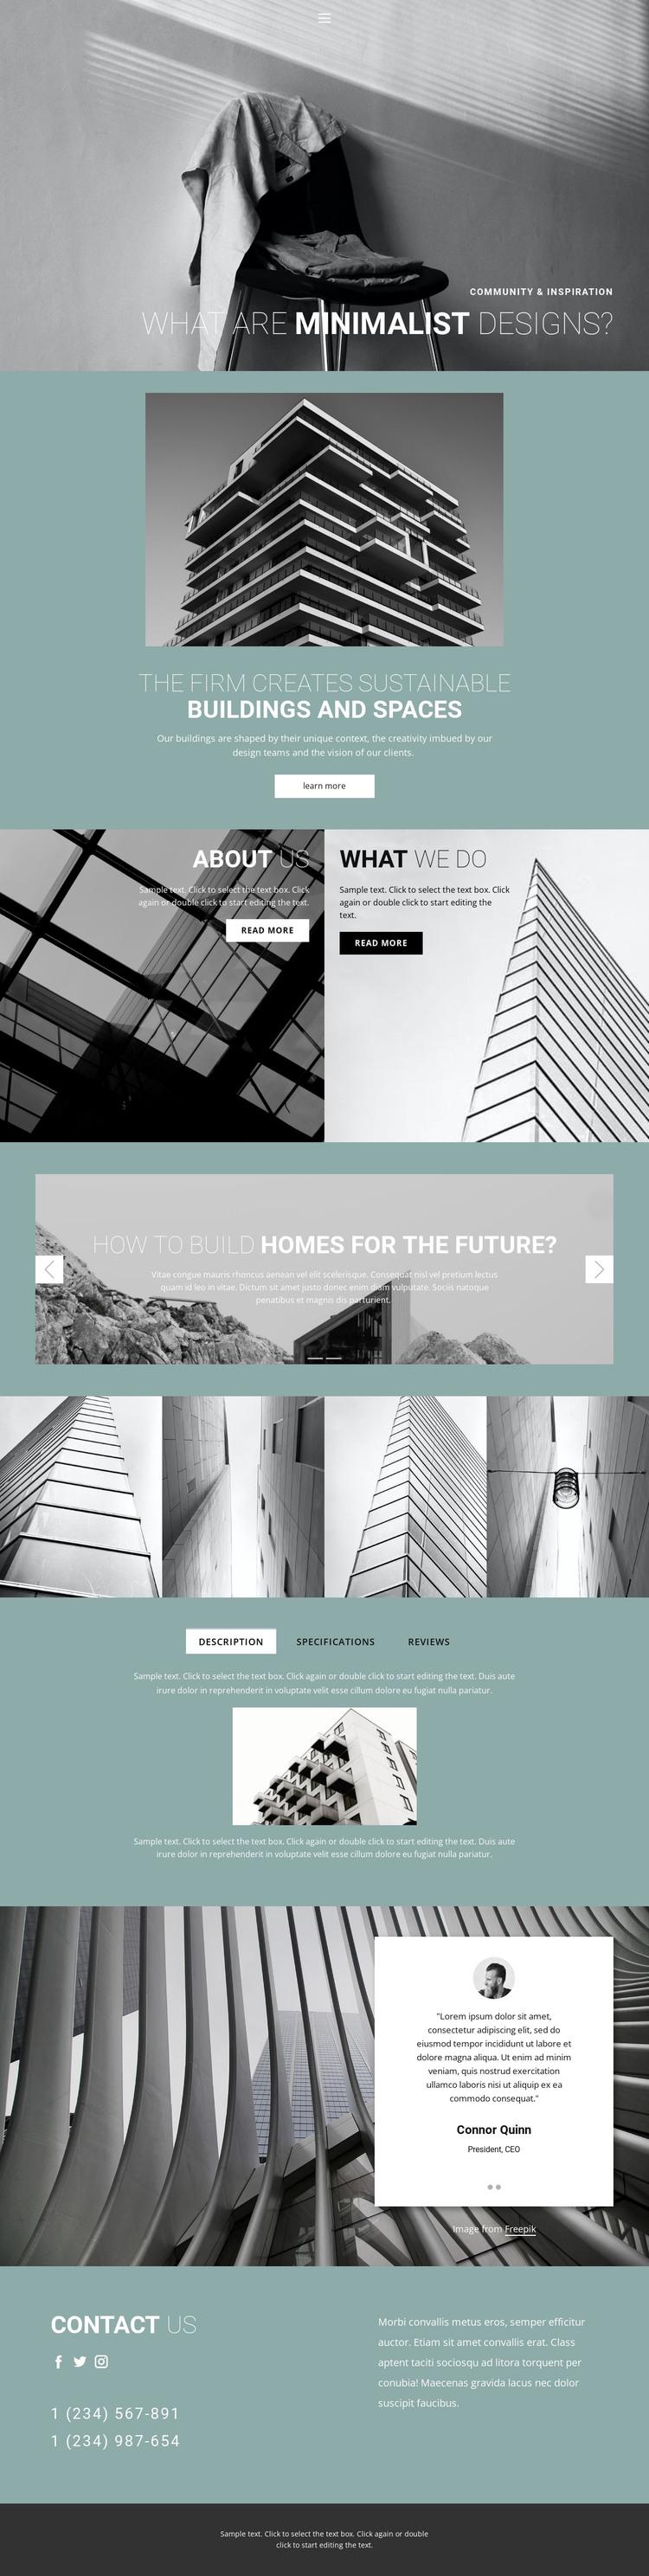 Perfect architecture ideas Web Design